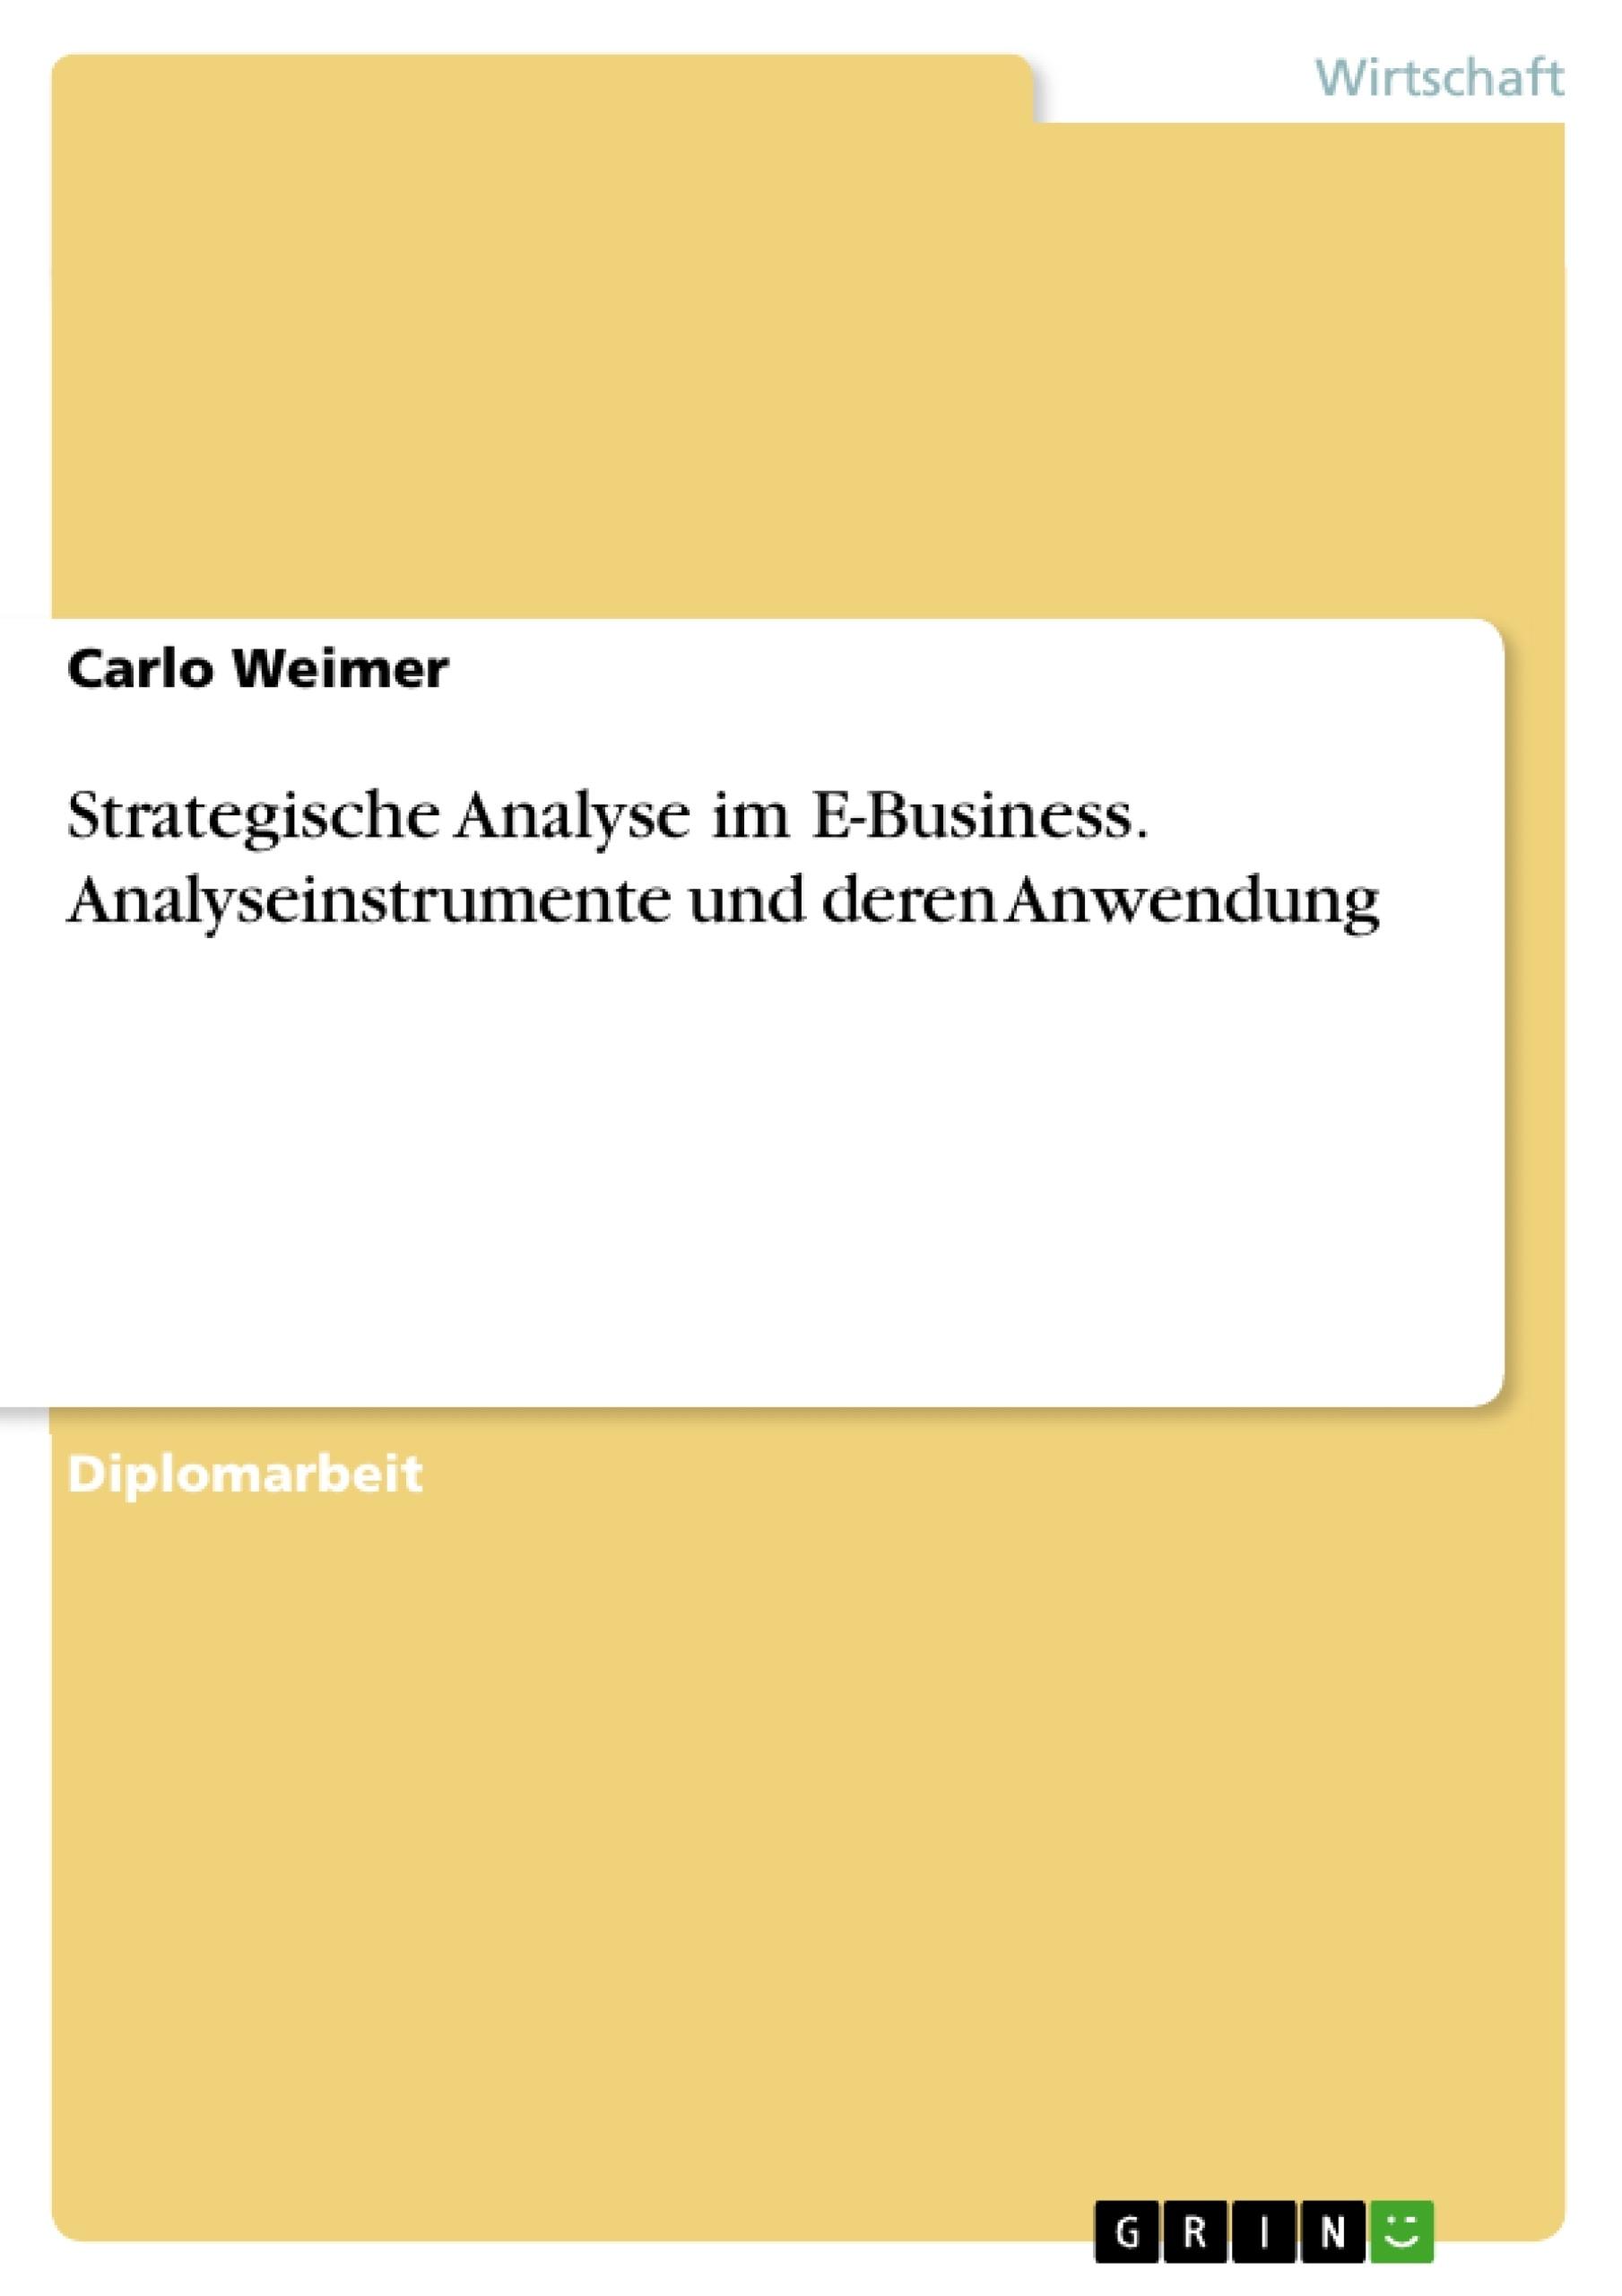 Titel: Strategische Analyse im E-Business. Analyseinstrumente und deren Anwendung